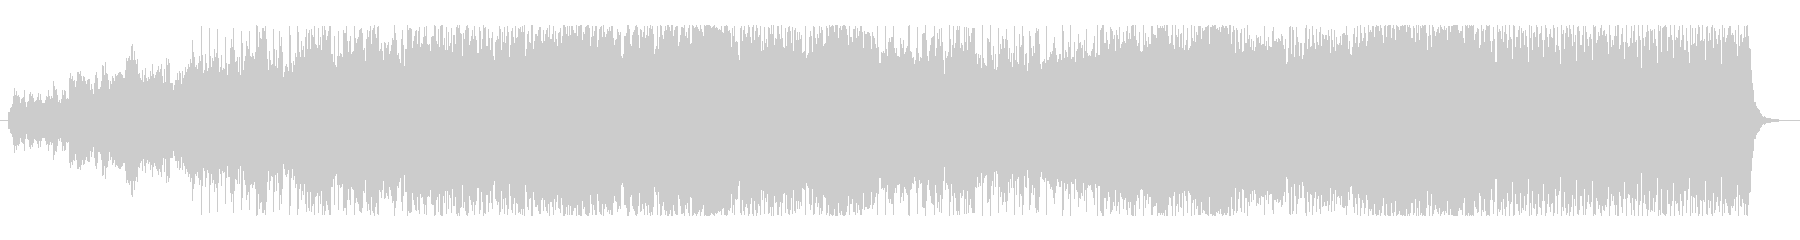 映画風・ケルトオーケストラ・トレーラーの未再生の波形